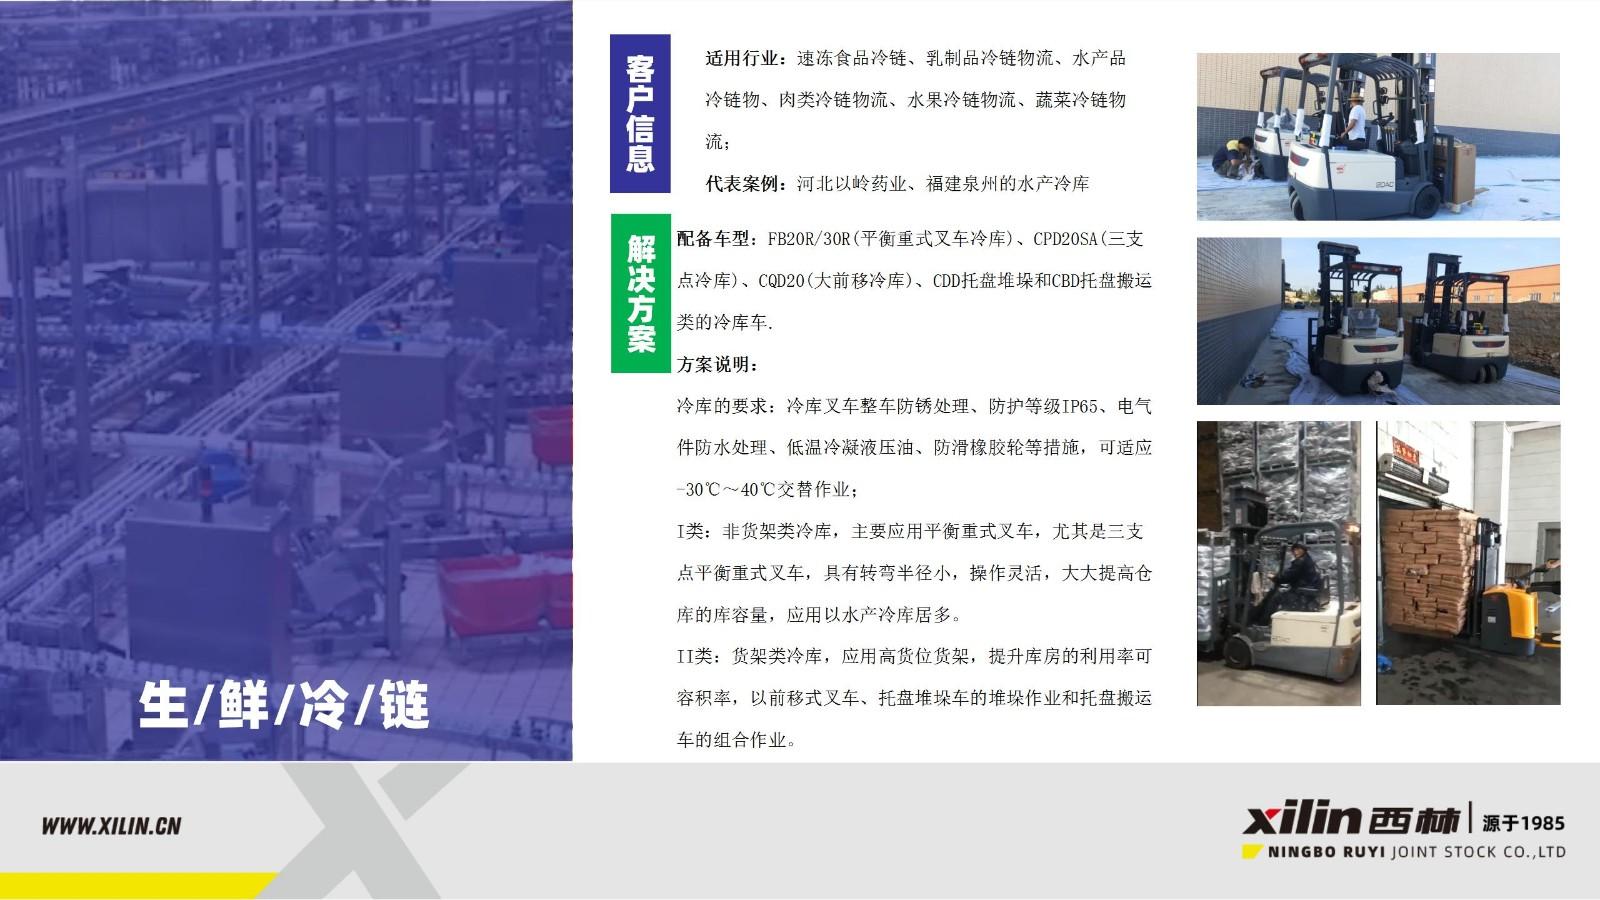 【西林bet9网站app】一站式仓储物流解决方案 lk 2021-8-25_21.jpg